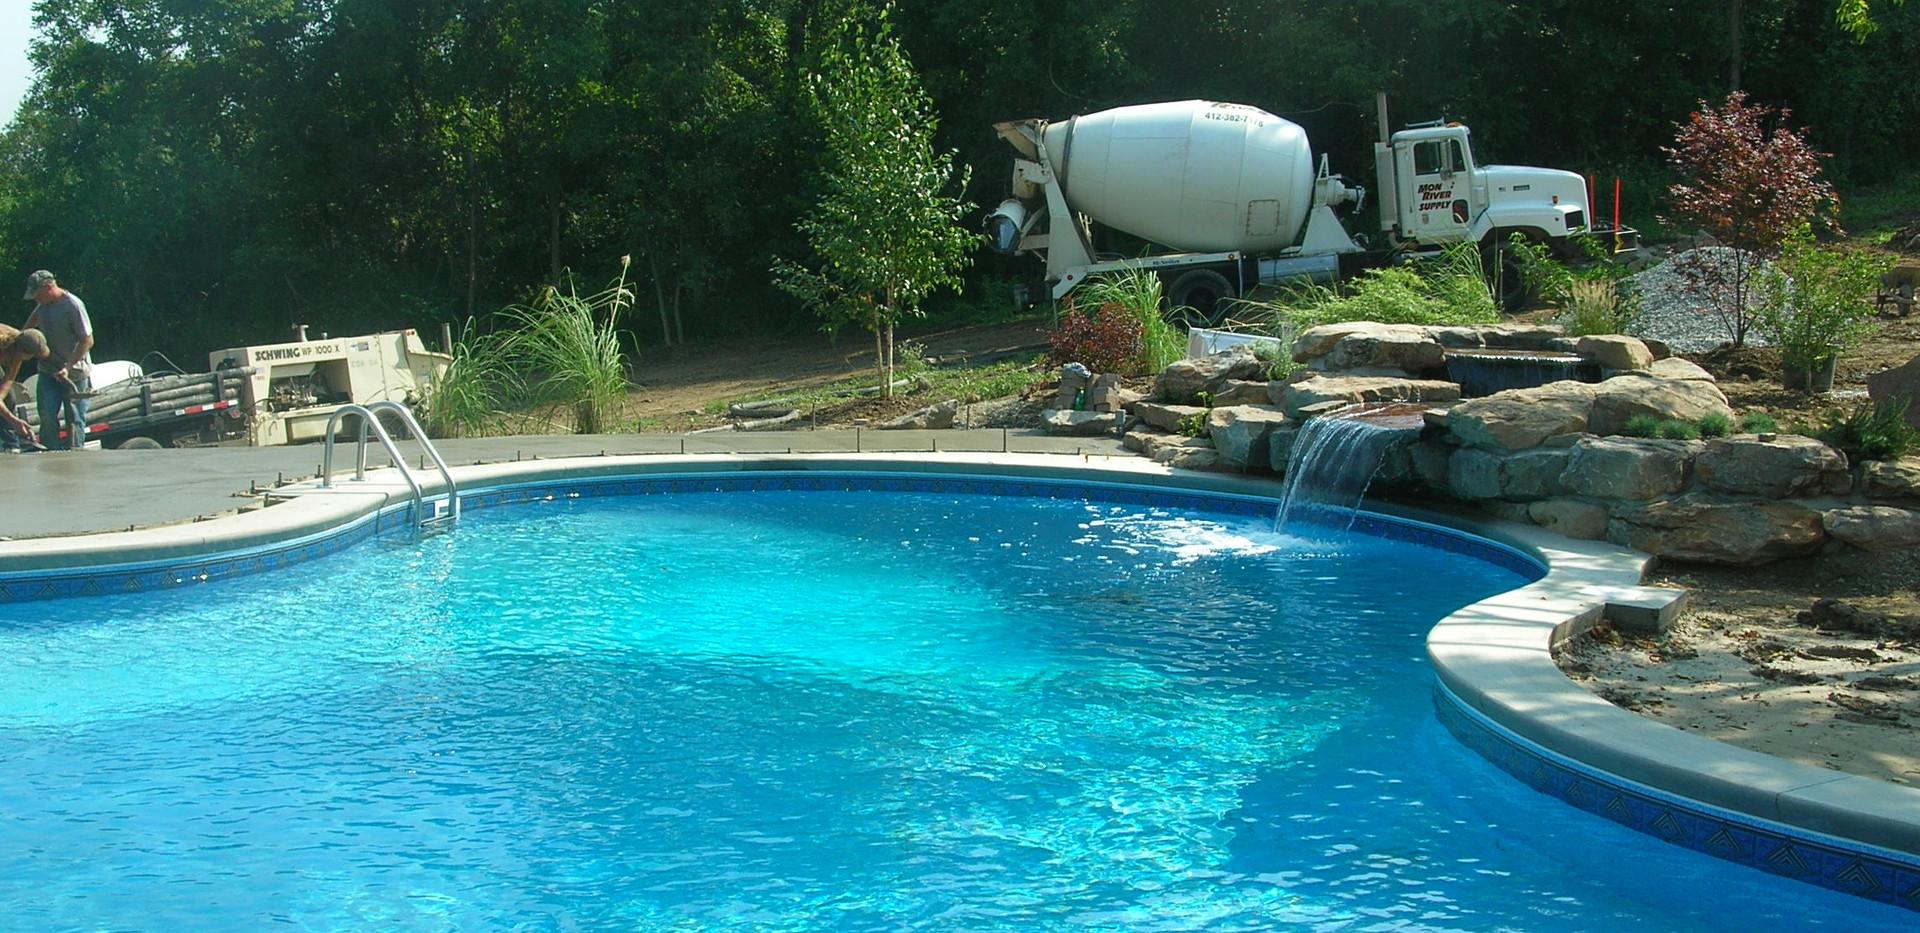 Pool_2007_3.jpg